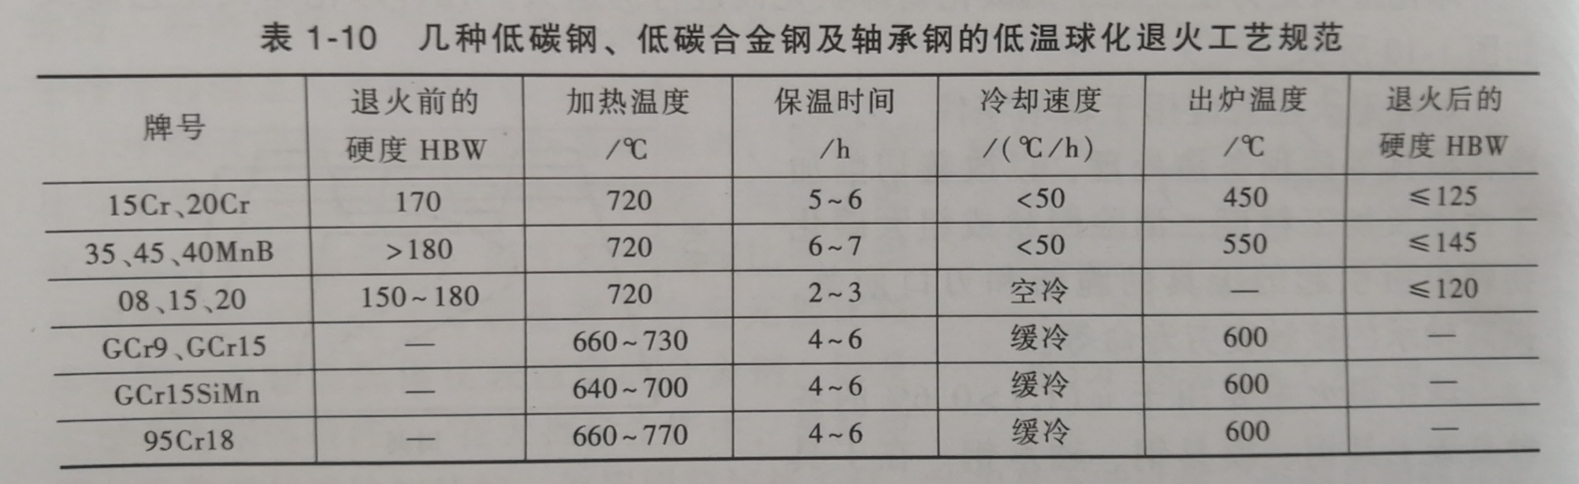 几种低碳钢、低碳合金钢及轴承钢的低温球化退火工艺规范